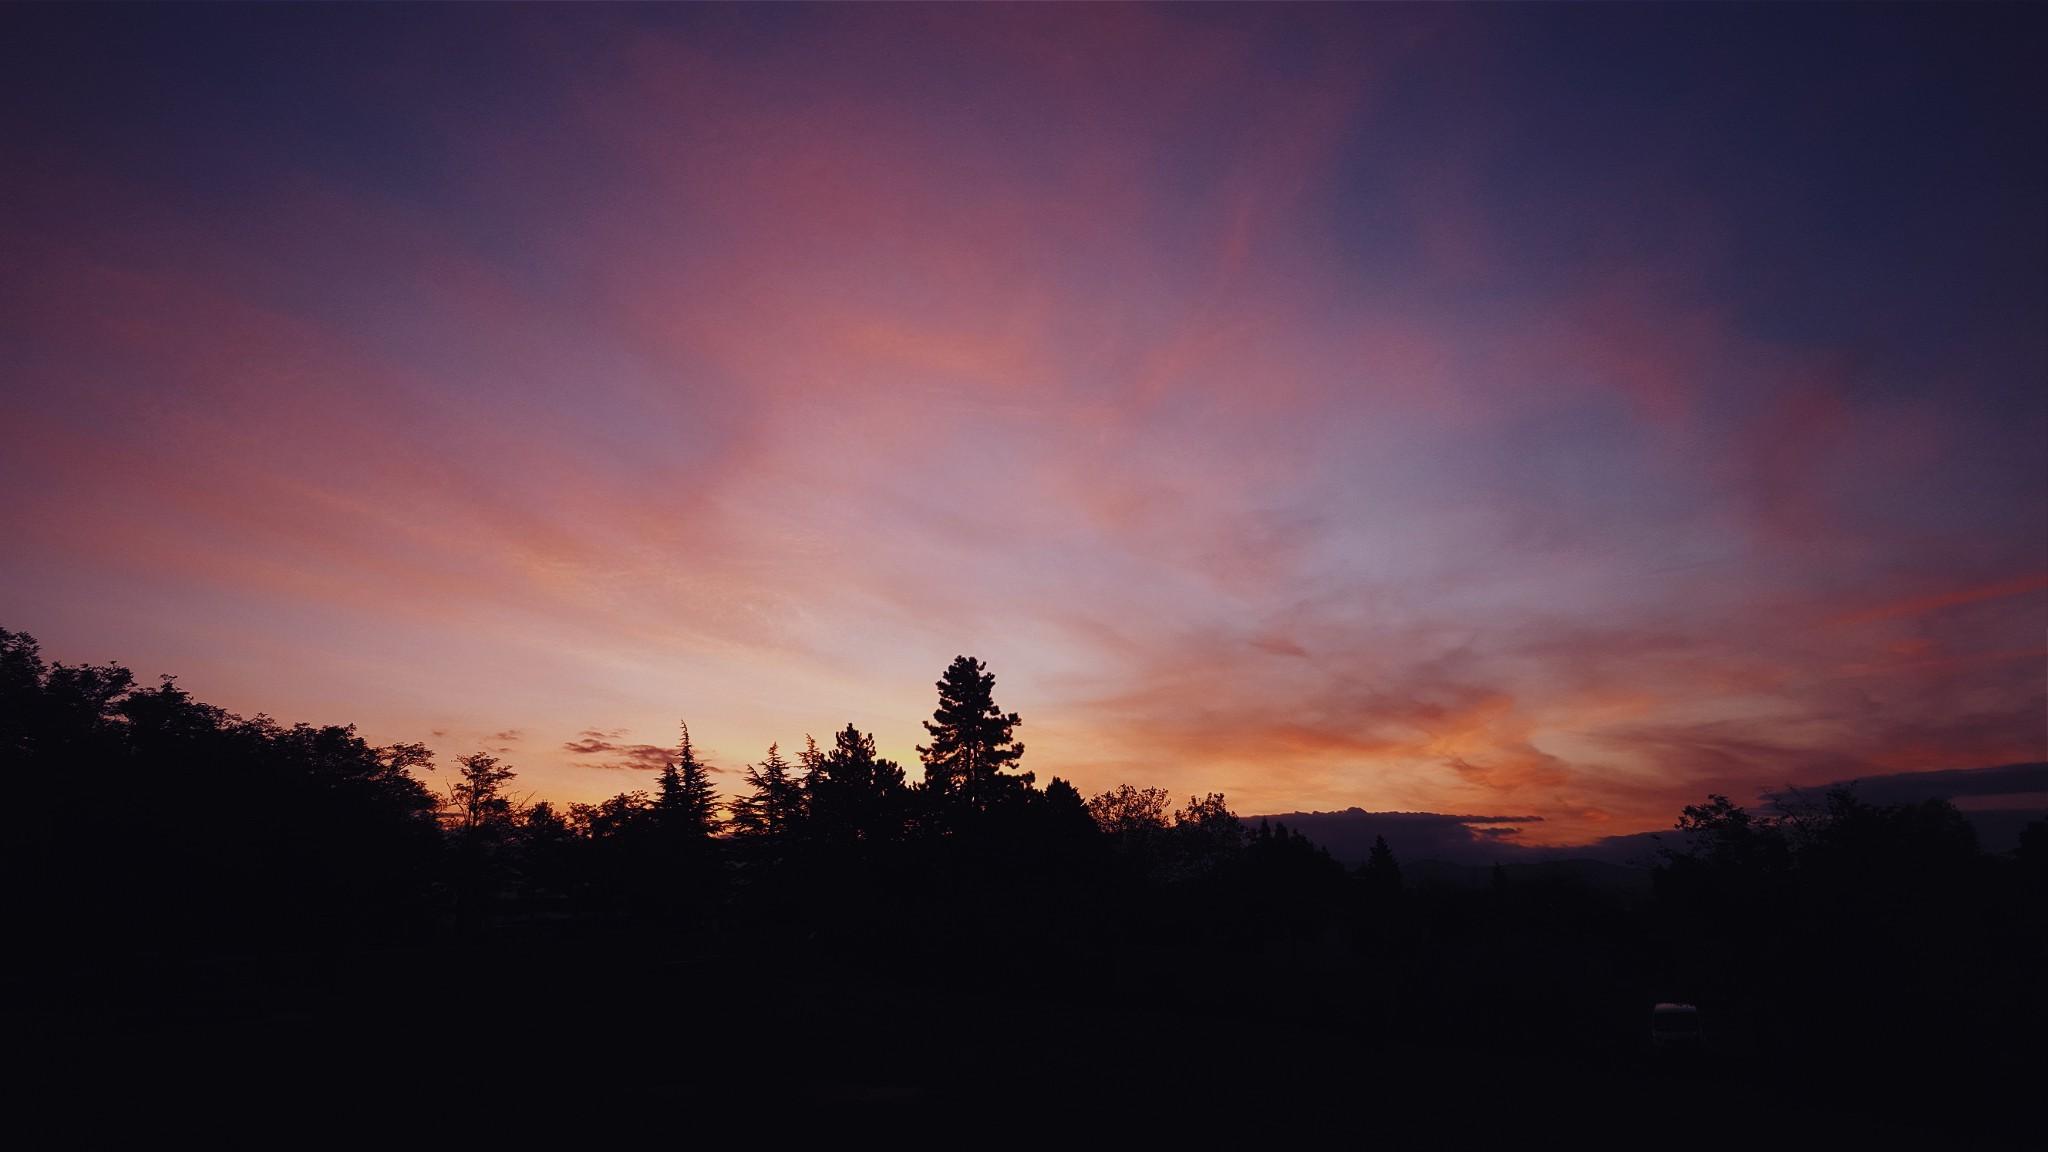 デスクトップ壁紙 48x1152 Px 雲 森林 風景 自然 空 日没 木 48x1152 デスクトップ壁紙 Wallhere